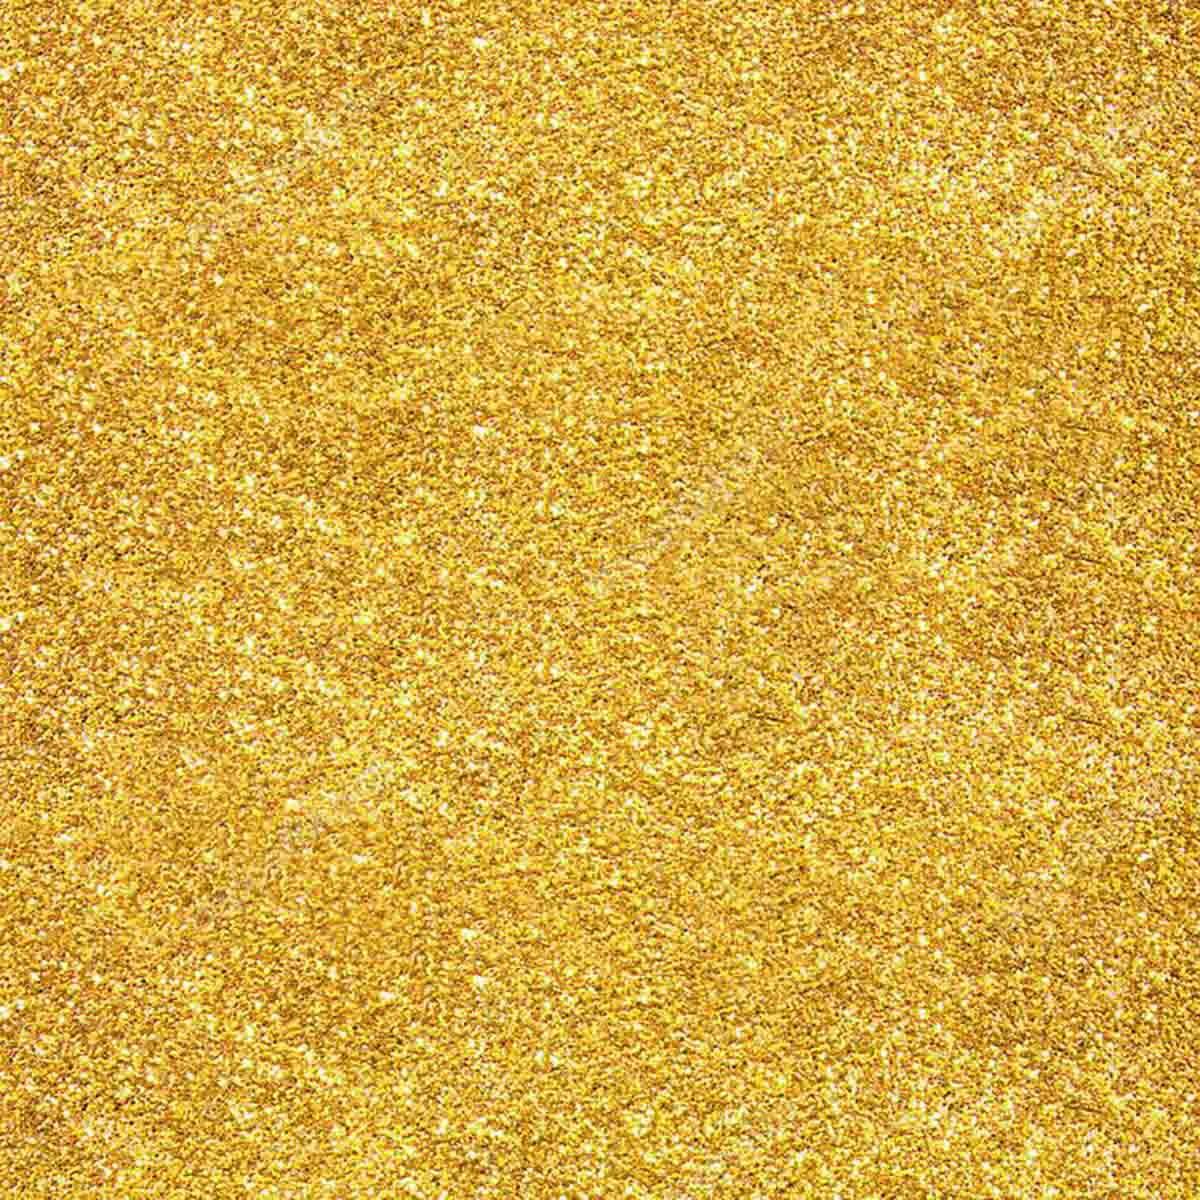 19cec5eaf59 Purpurina Glitter - Dourado - 500g no Elo7